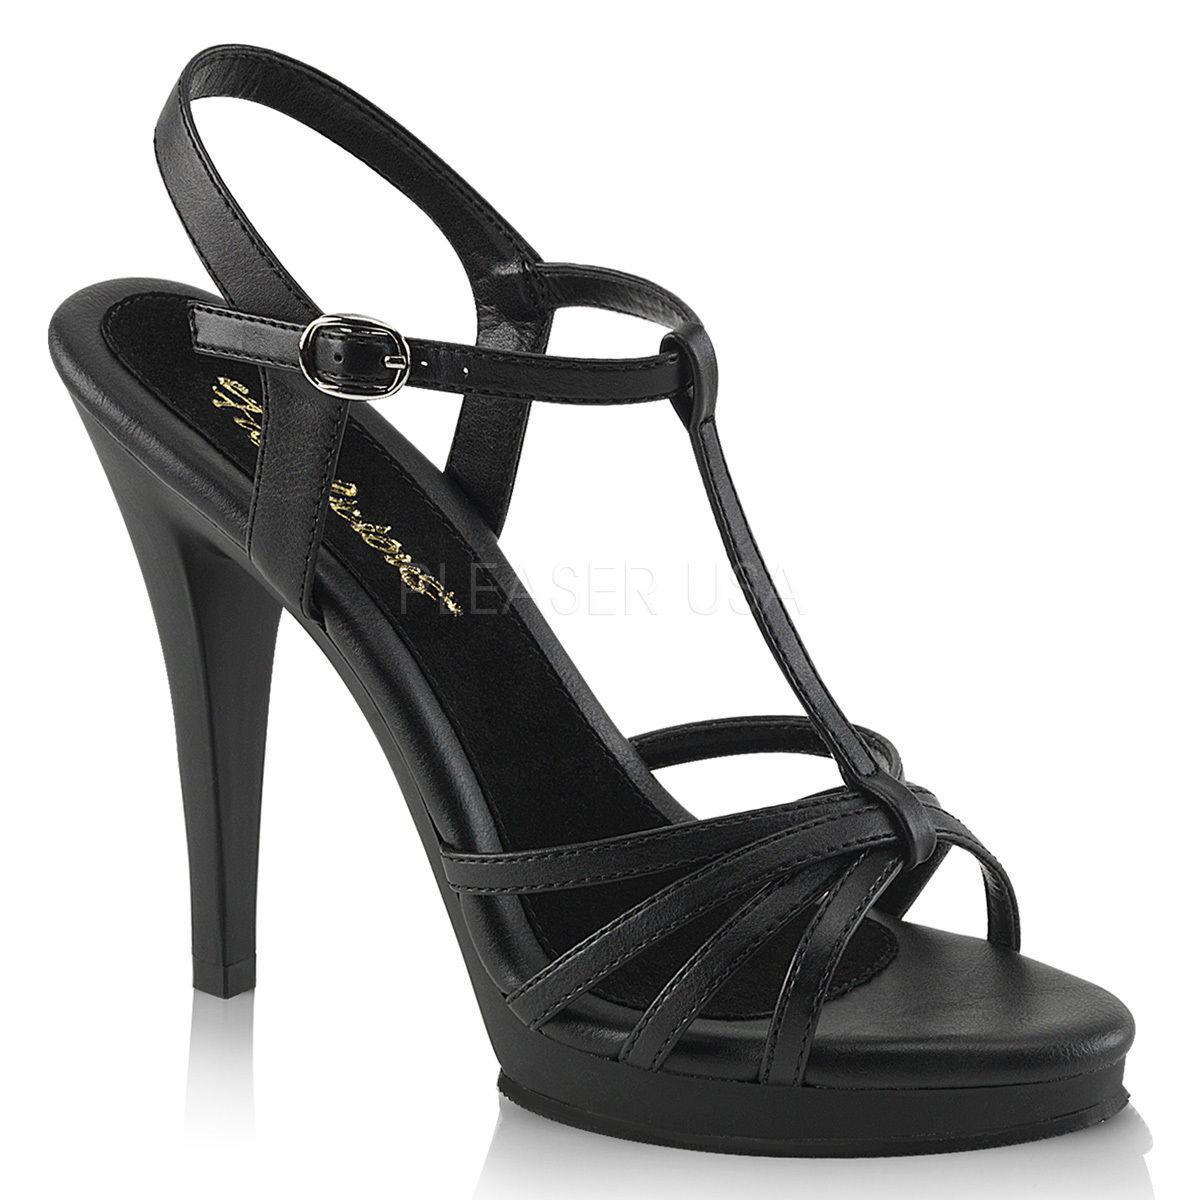 Tamaño de Reino Unido Unido Unido 7 Pleaser Flair 420 Negro Mate Fiesta Con Tiras Sandalias De Salón Zapatos de Taco Alto e3a68b